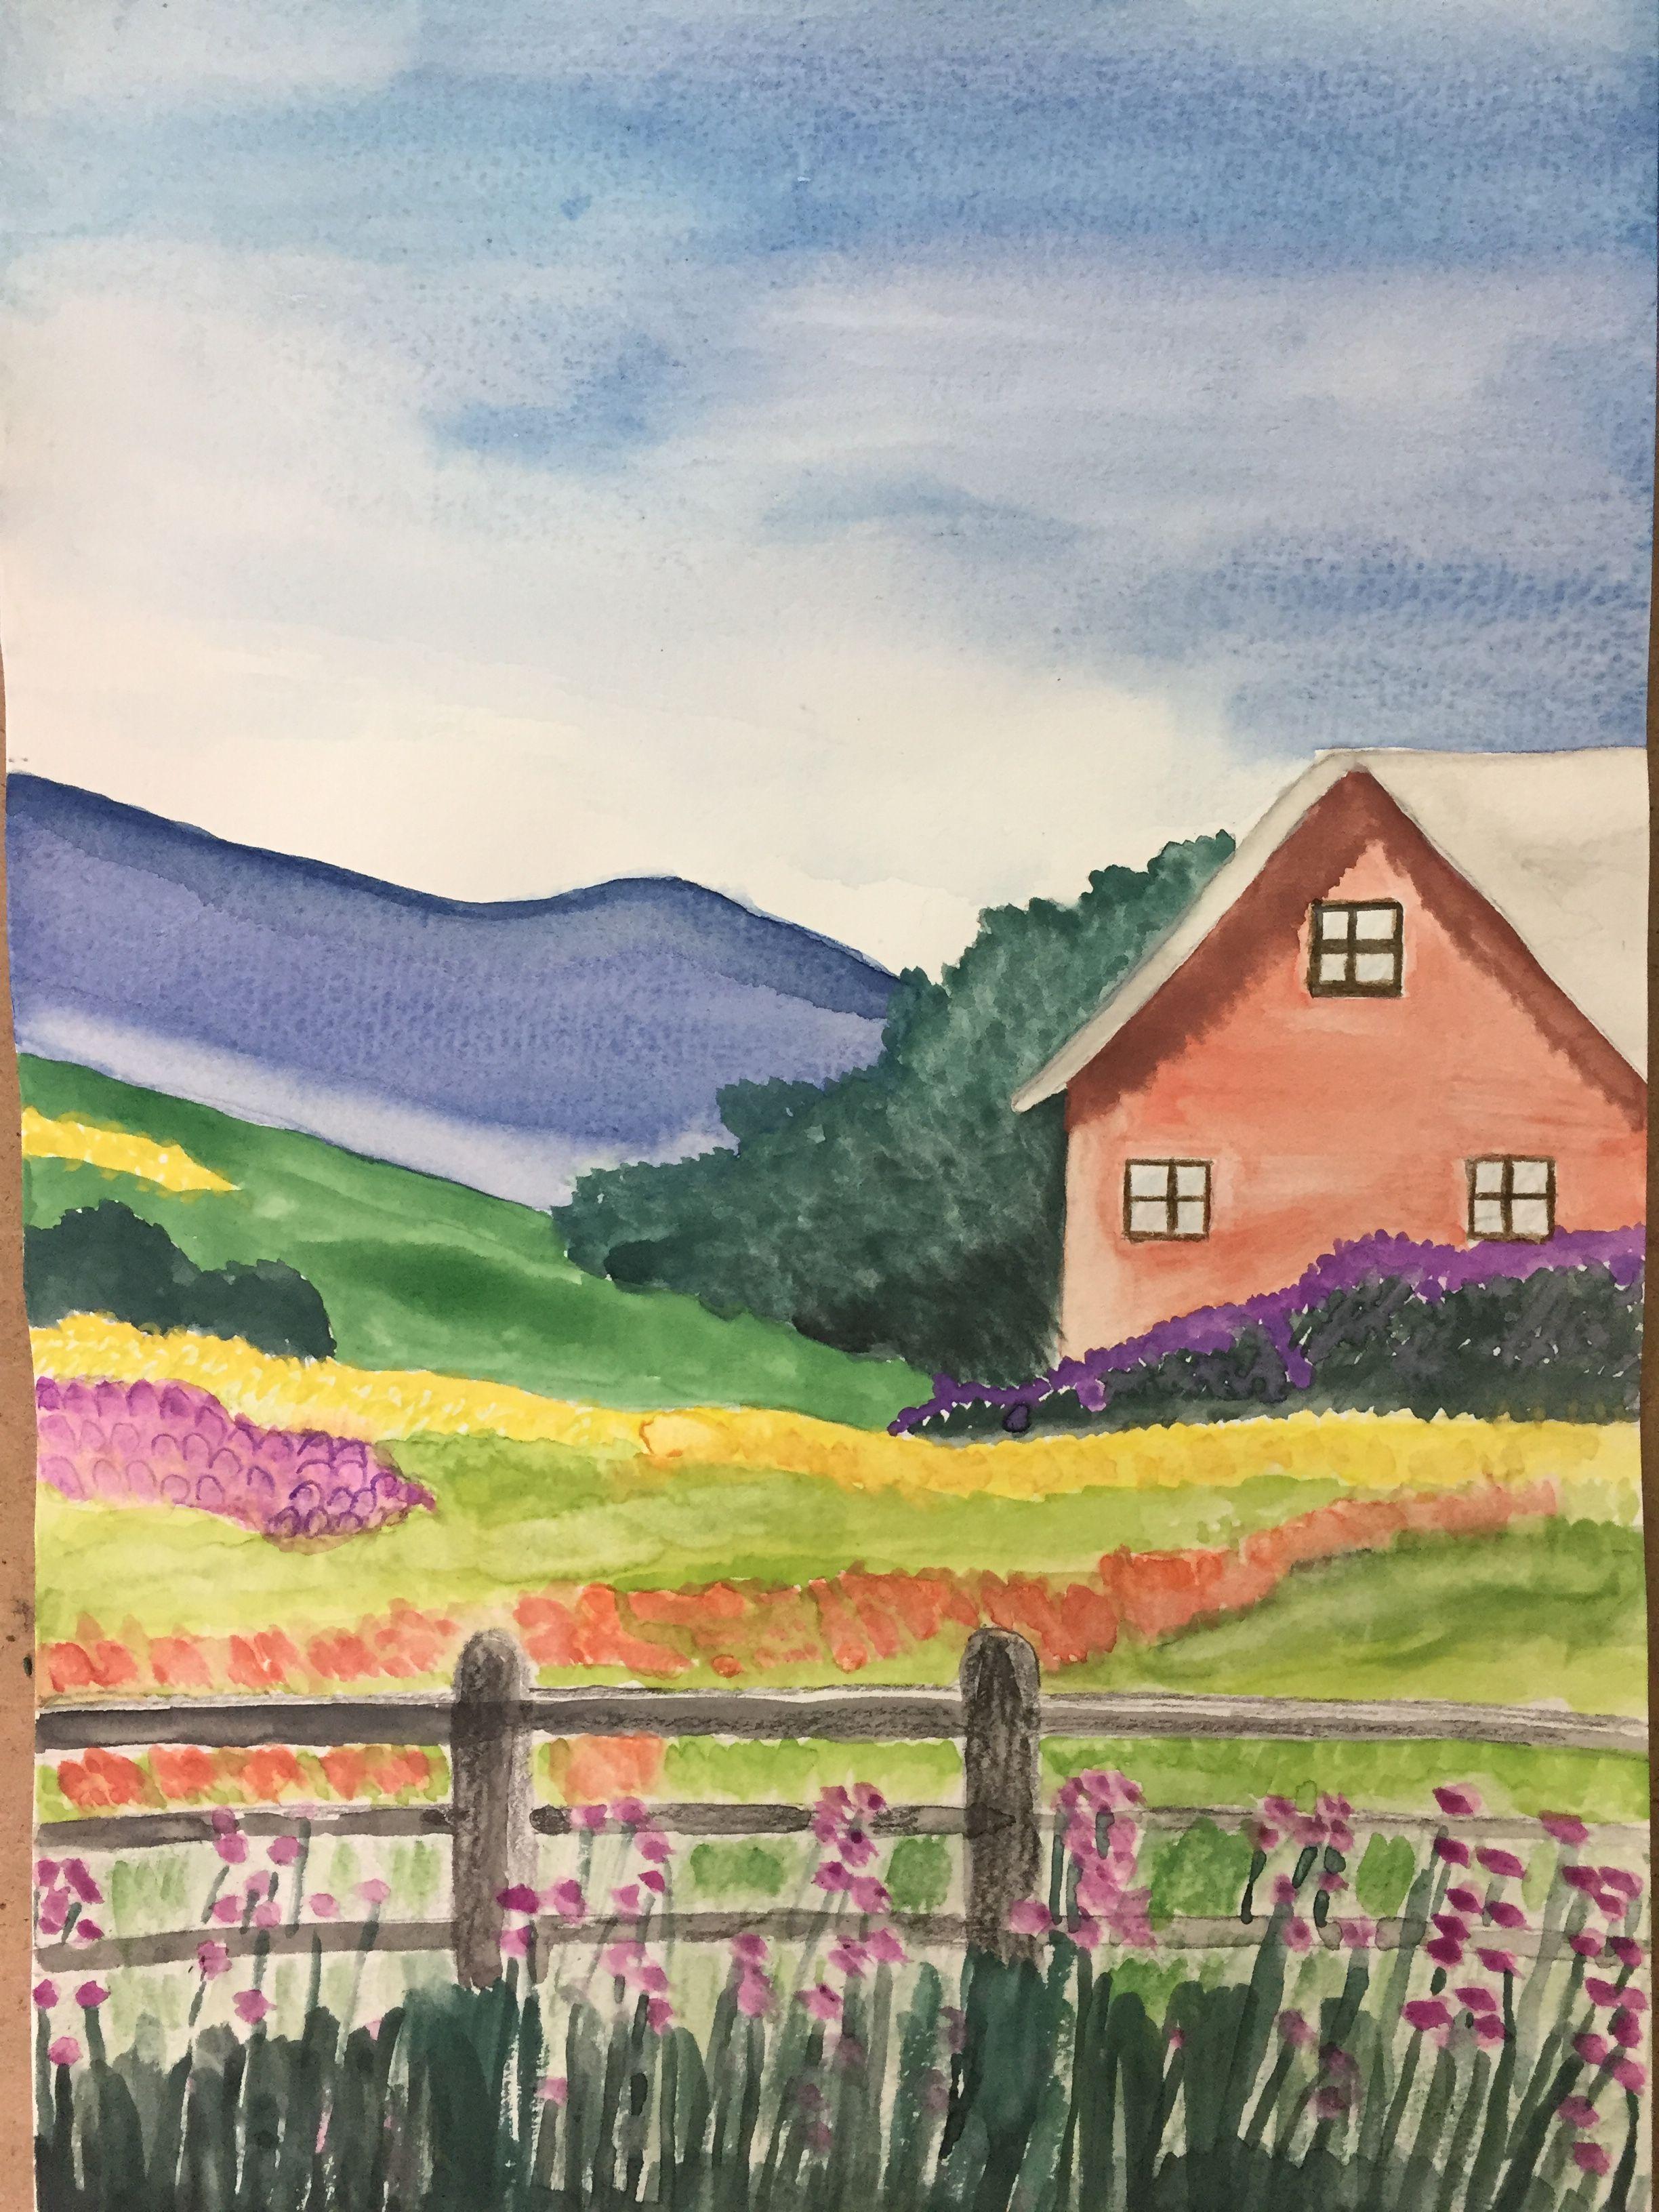 Yeni Yaptigim Resim Manzara Suluboya Watercolor Art Paintings Painting Watercolor Art